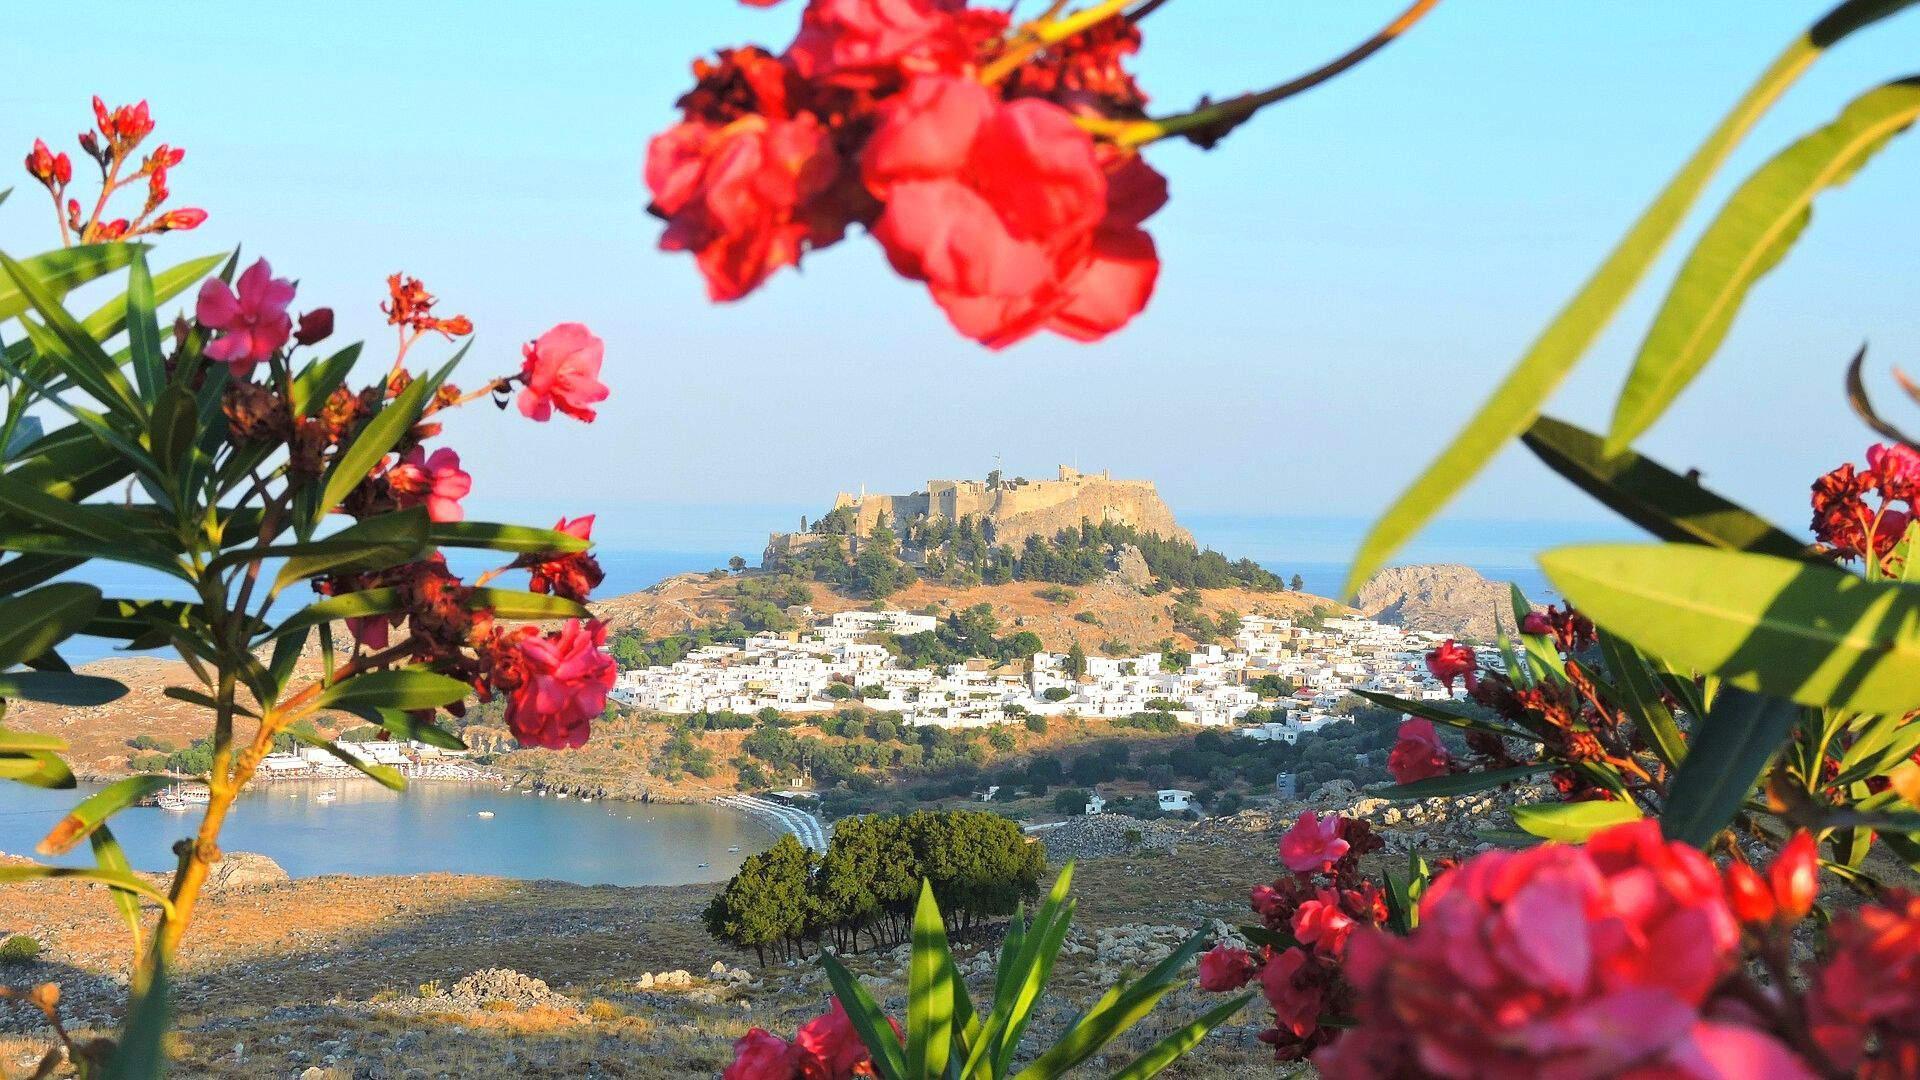 Rodo sala užburia antikiniais miestais ir gamtos grožiu